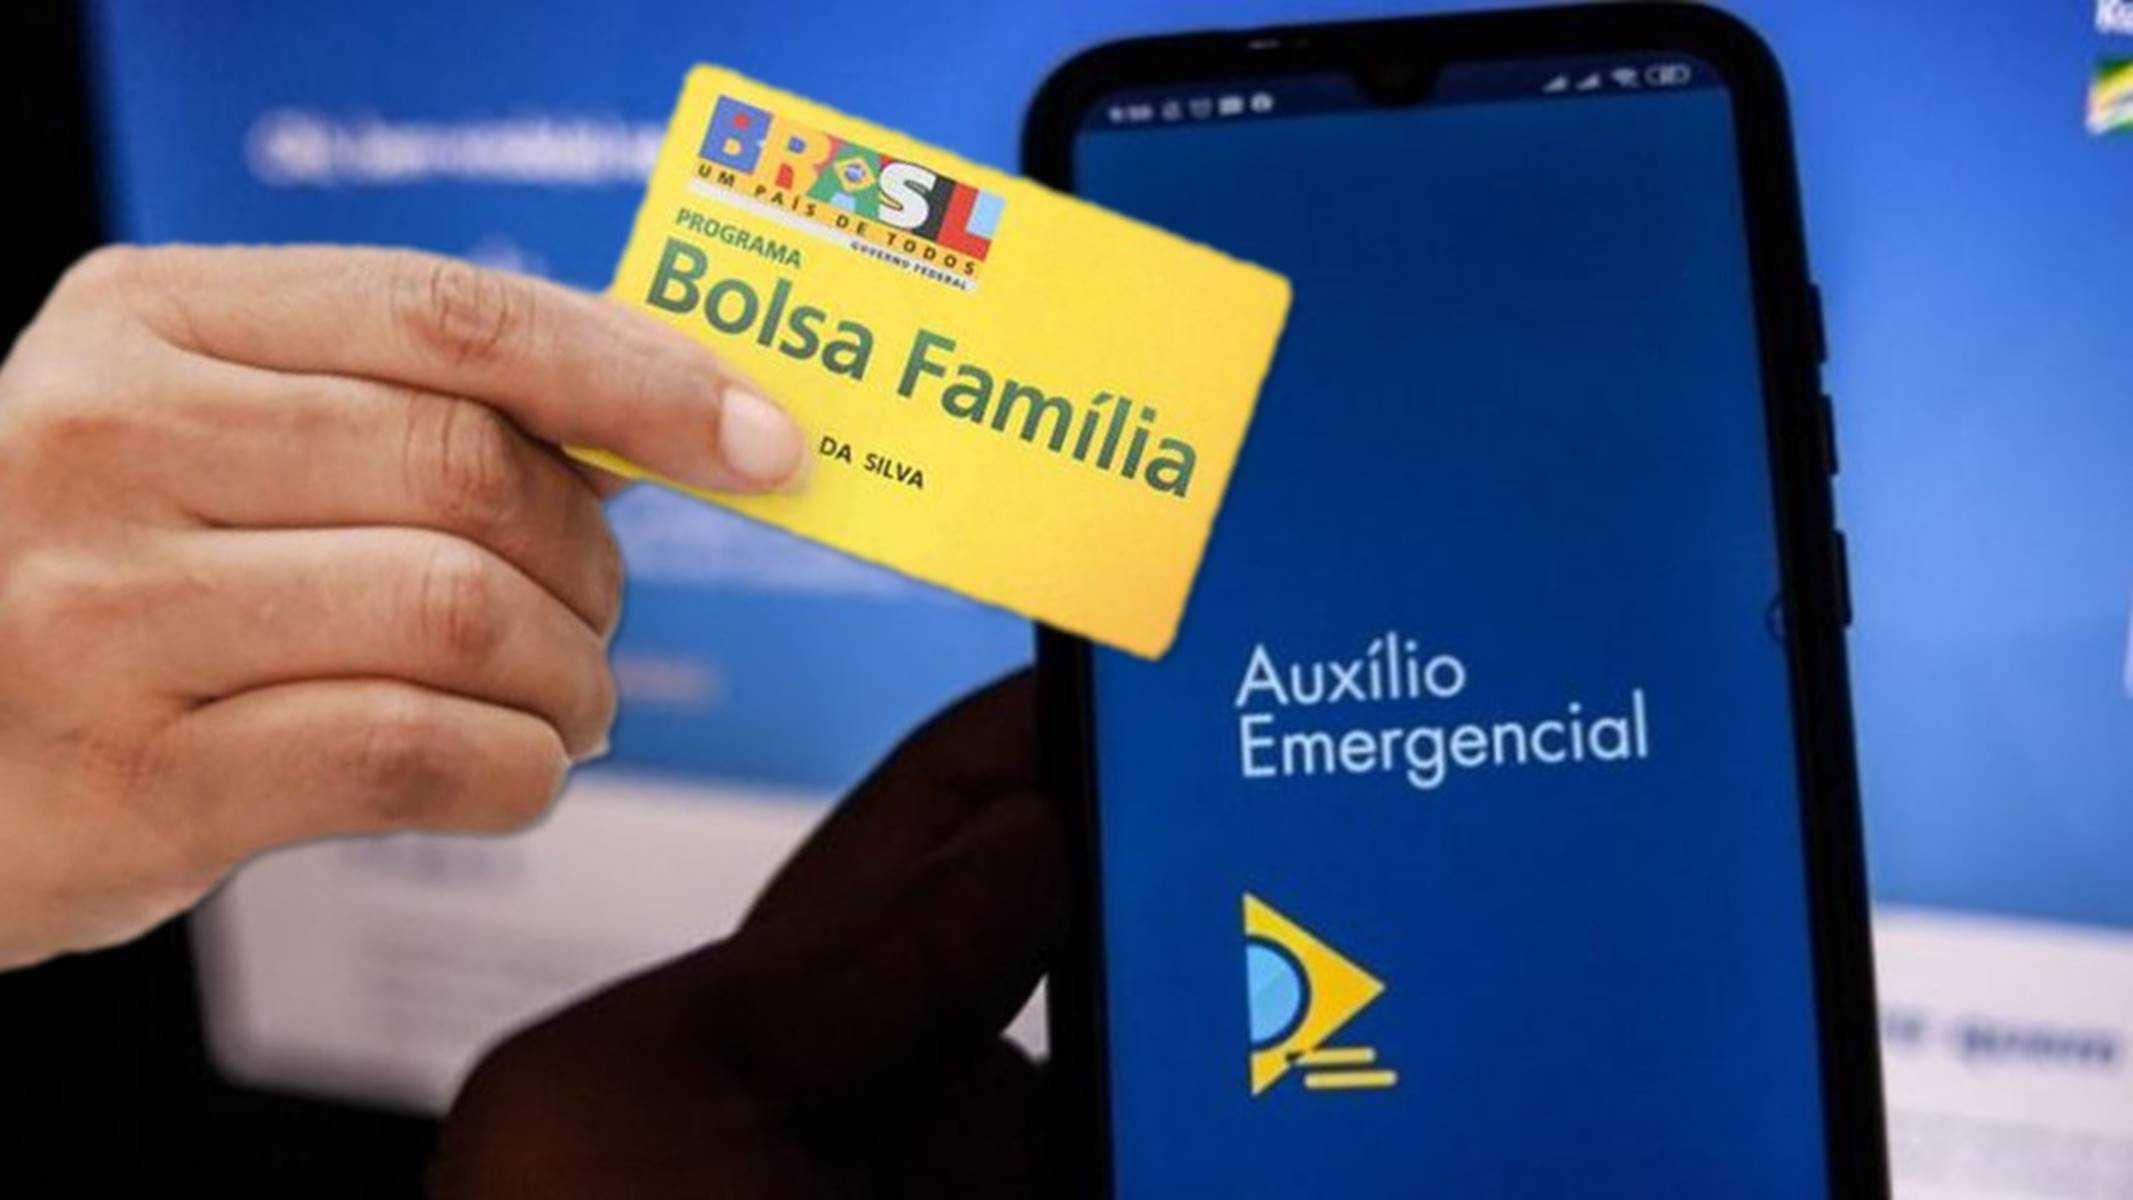 Novo auxílio emergencial muda pagamento do Bolsa Família em 2021? Descubra!